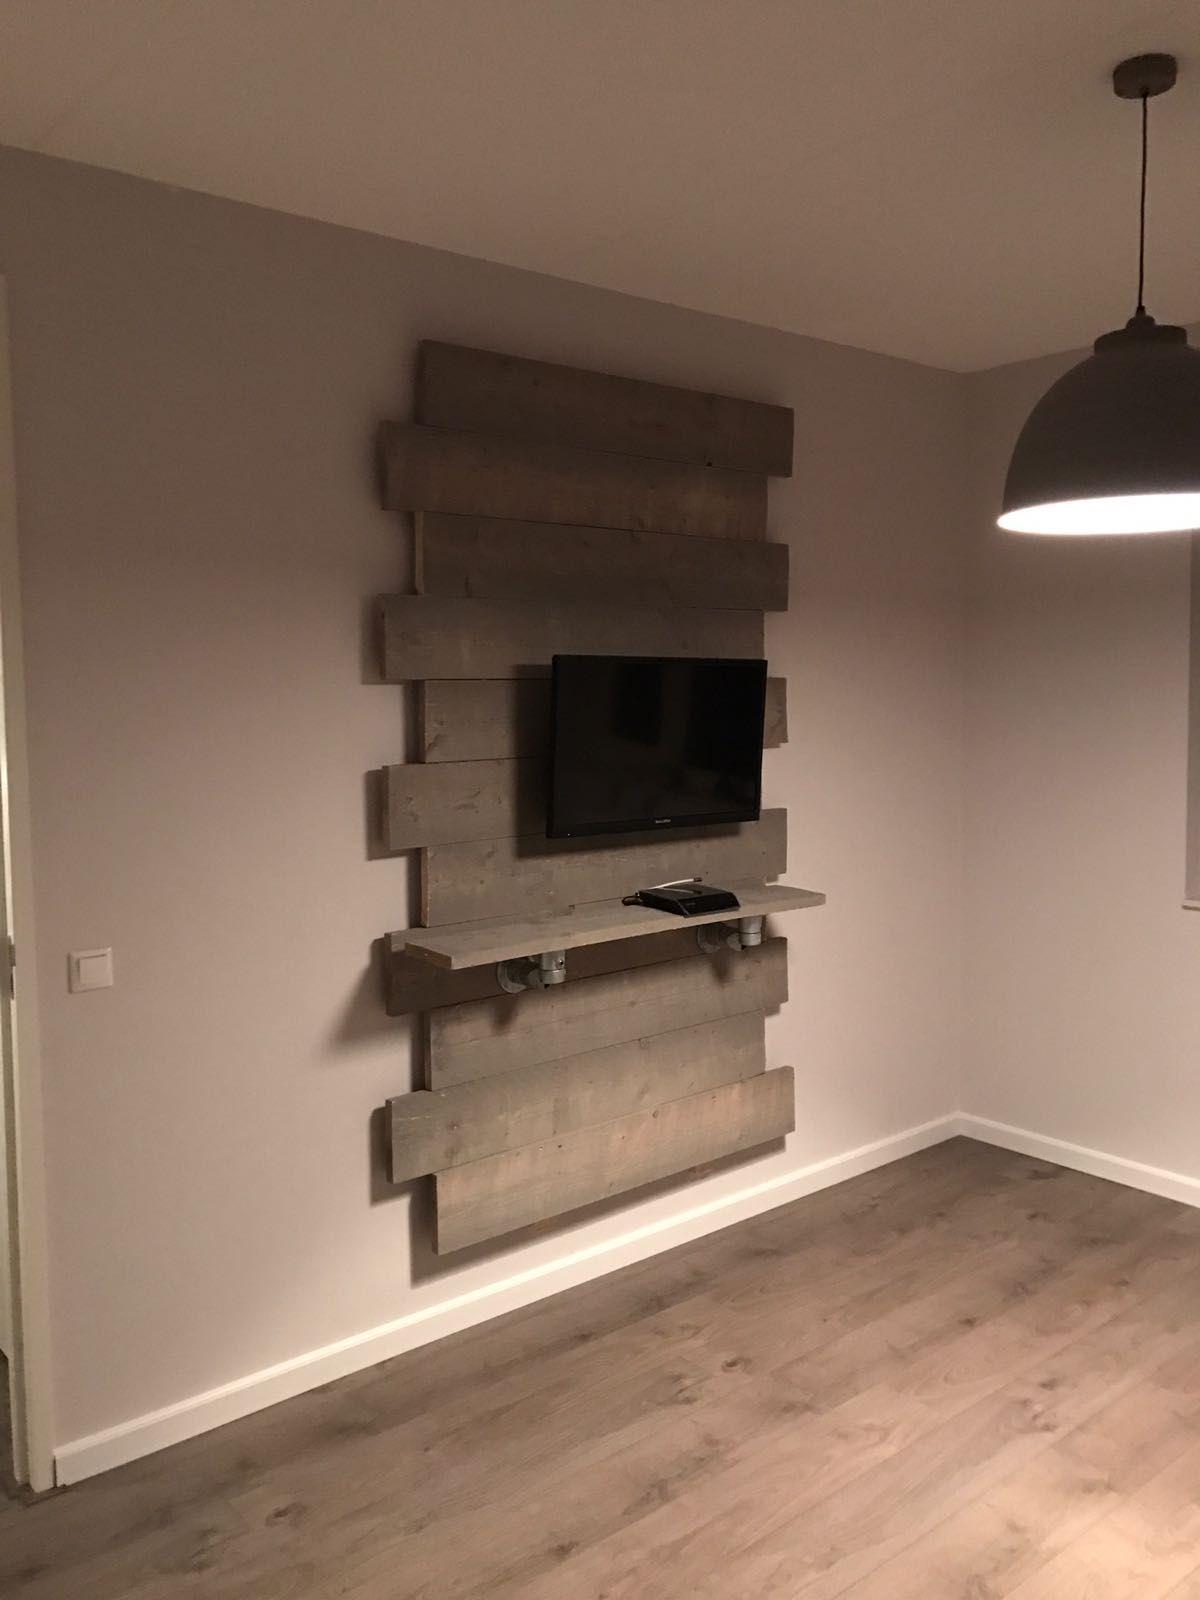 zelfgemaakt steigerhout tv meubel